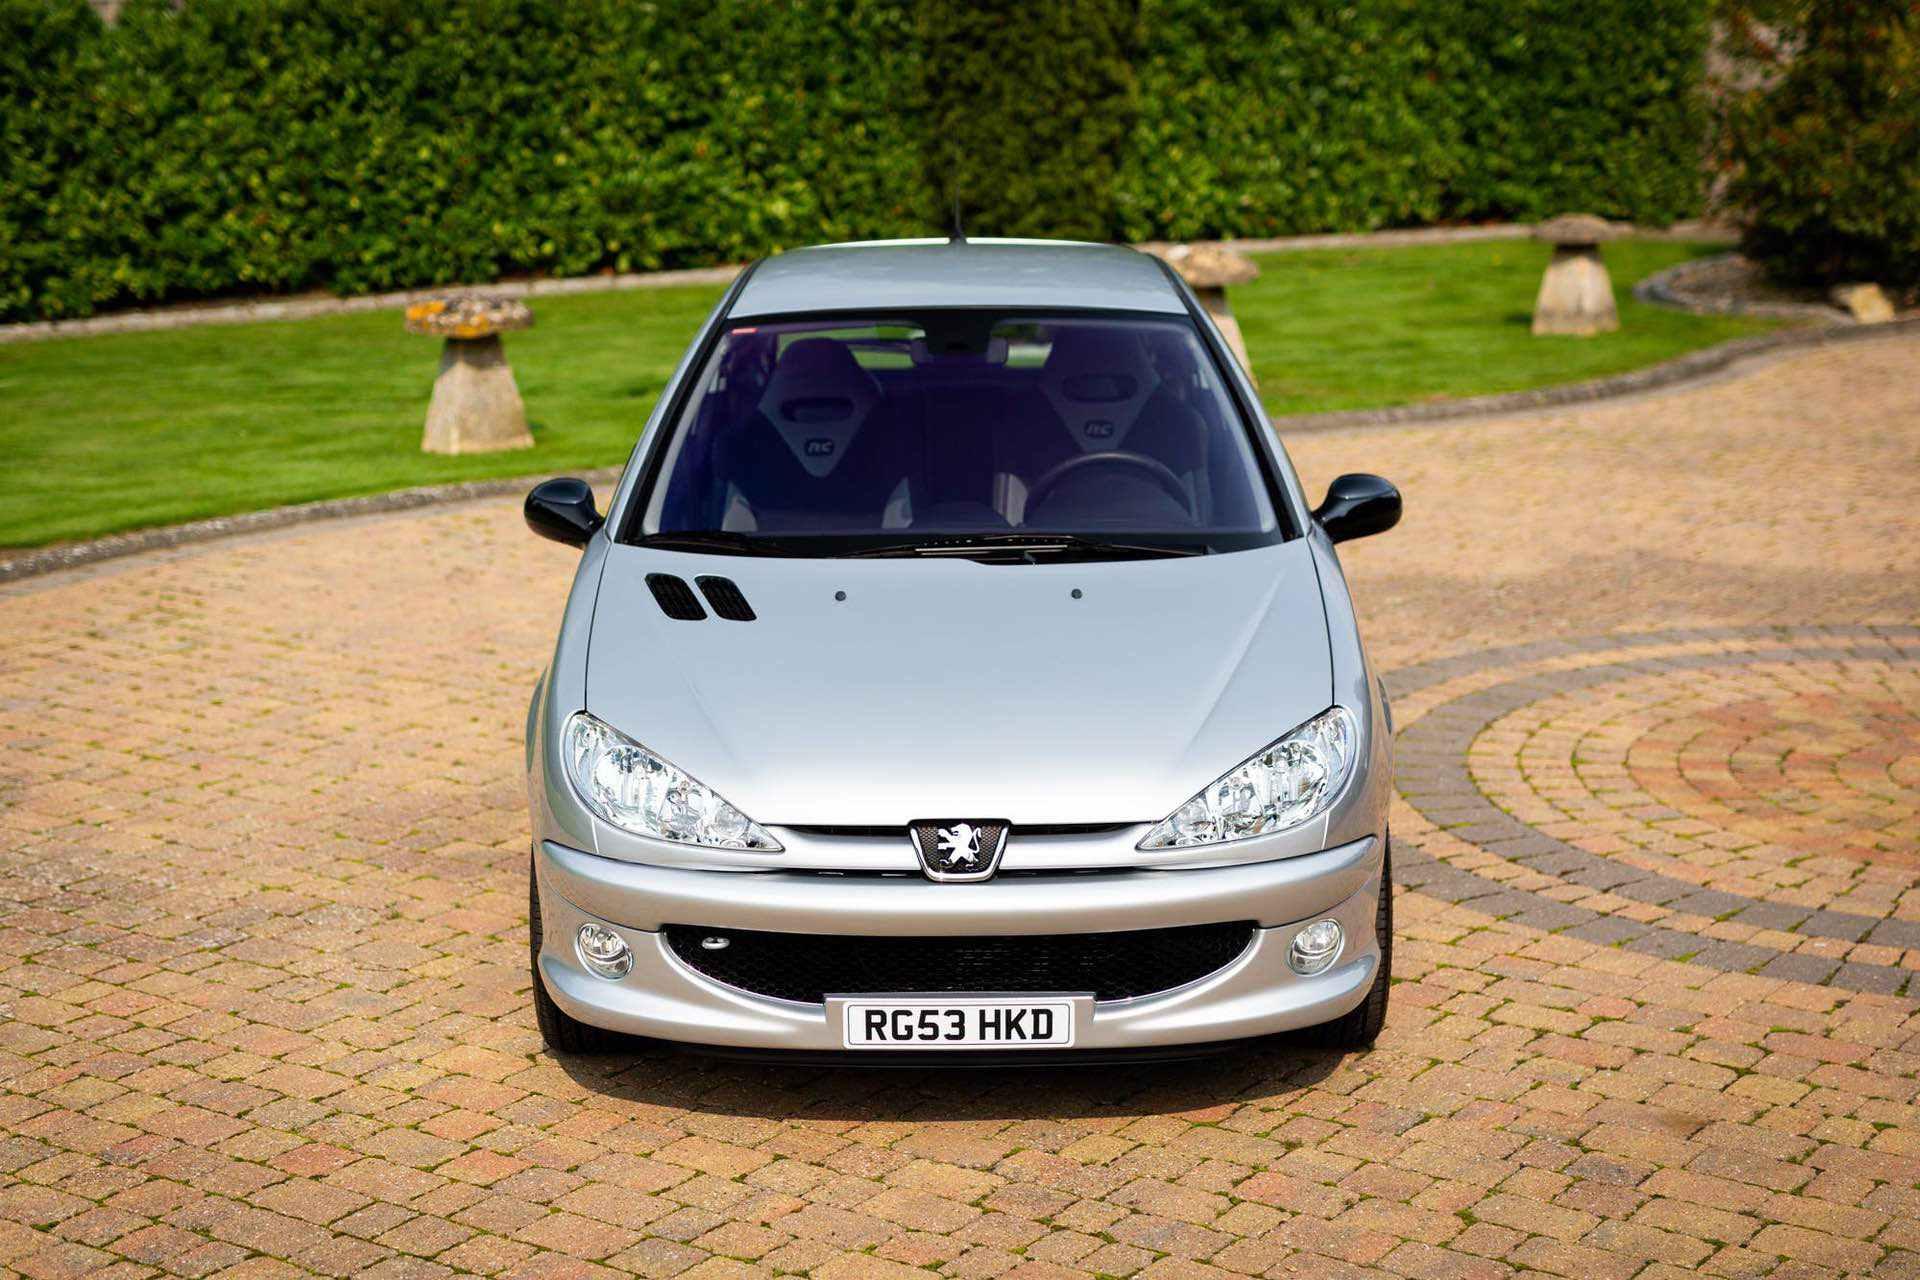 2003_Peugeot_206_RC_sale_0032